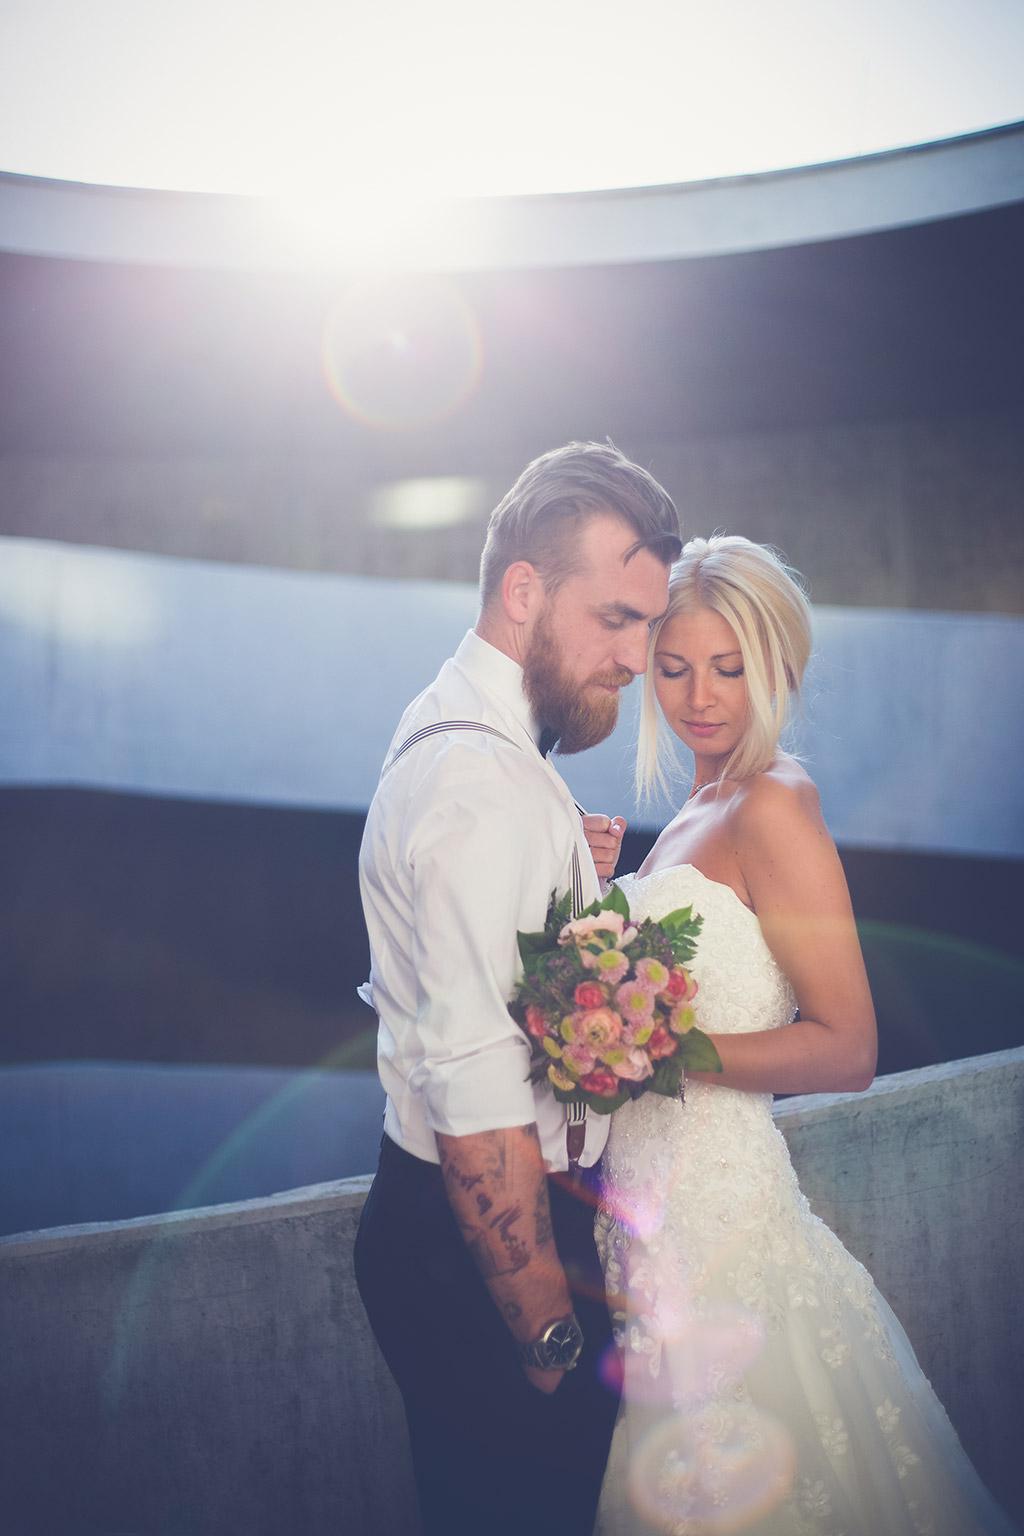 Hochzeitsfotos Ideen - Braut, Bräutigam und Brautstrauß